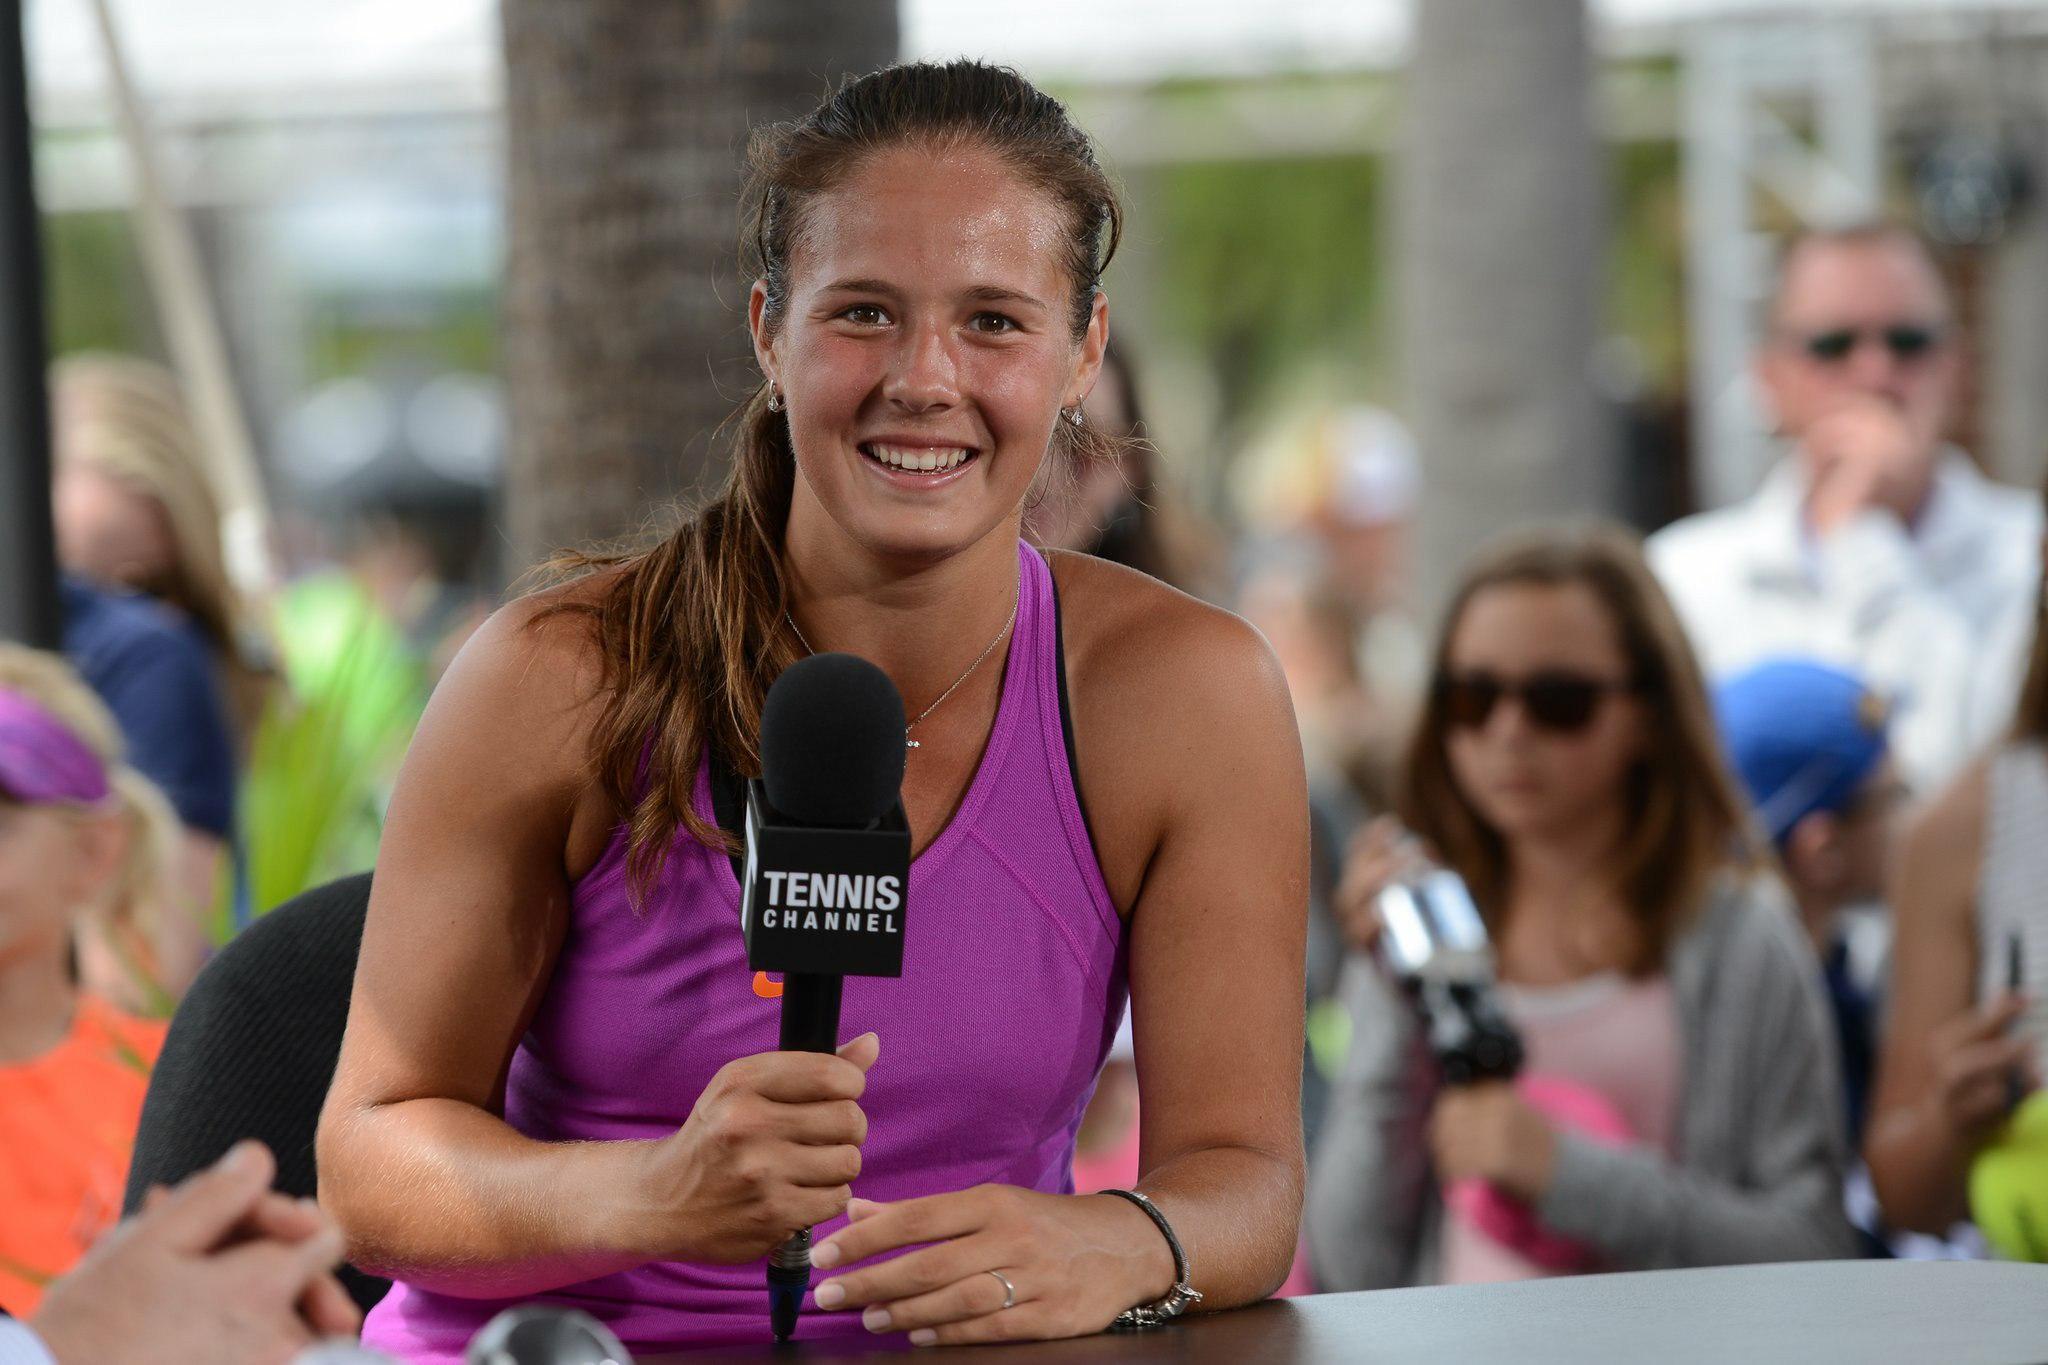 Дарья Касаткина дает интервью после победы на турнире в Чарльстоне